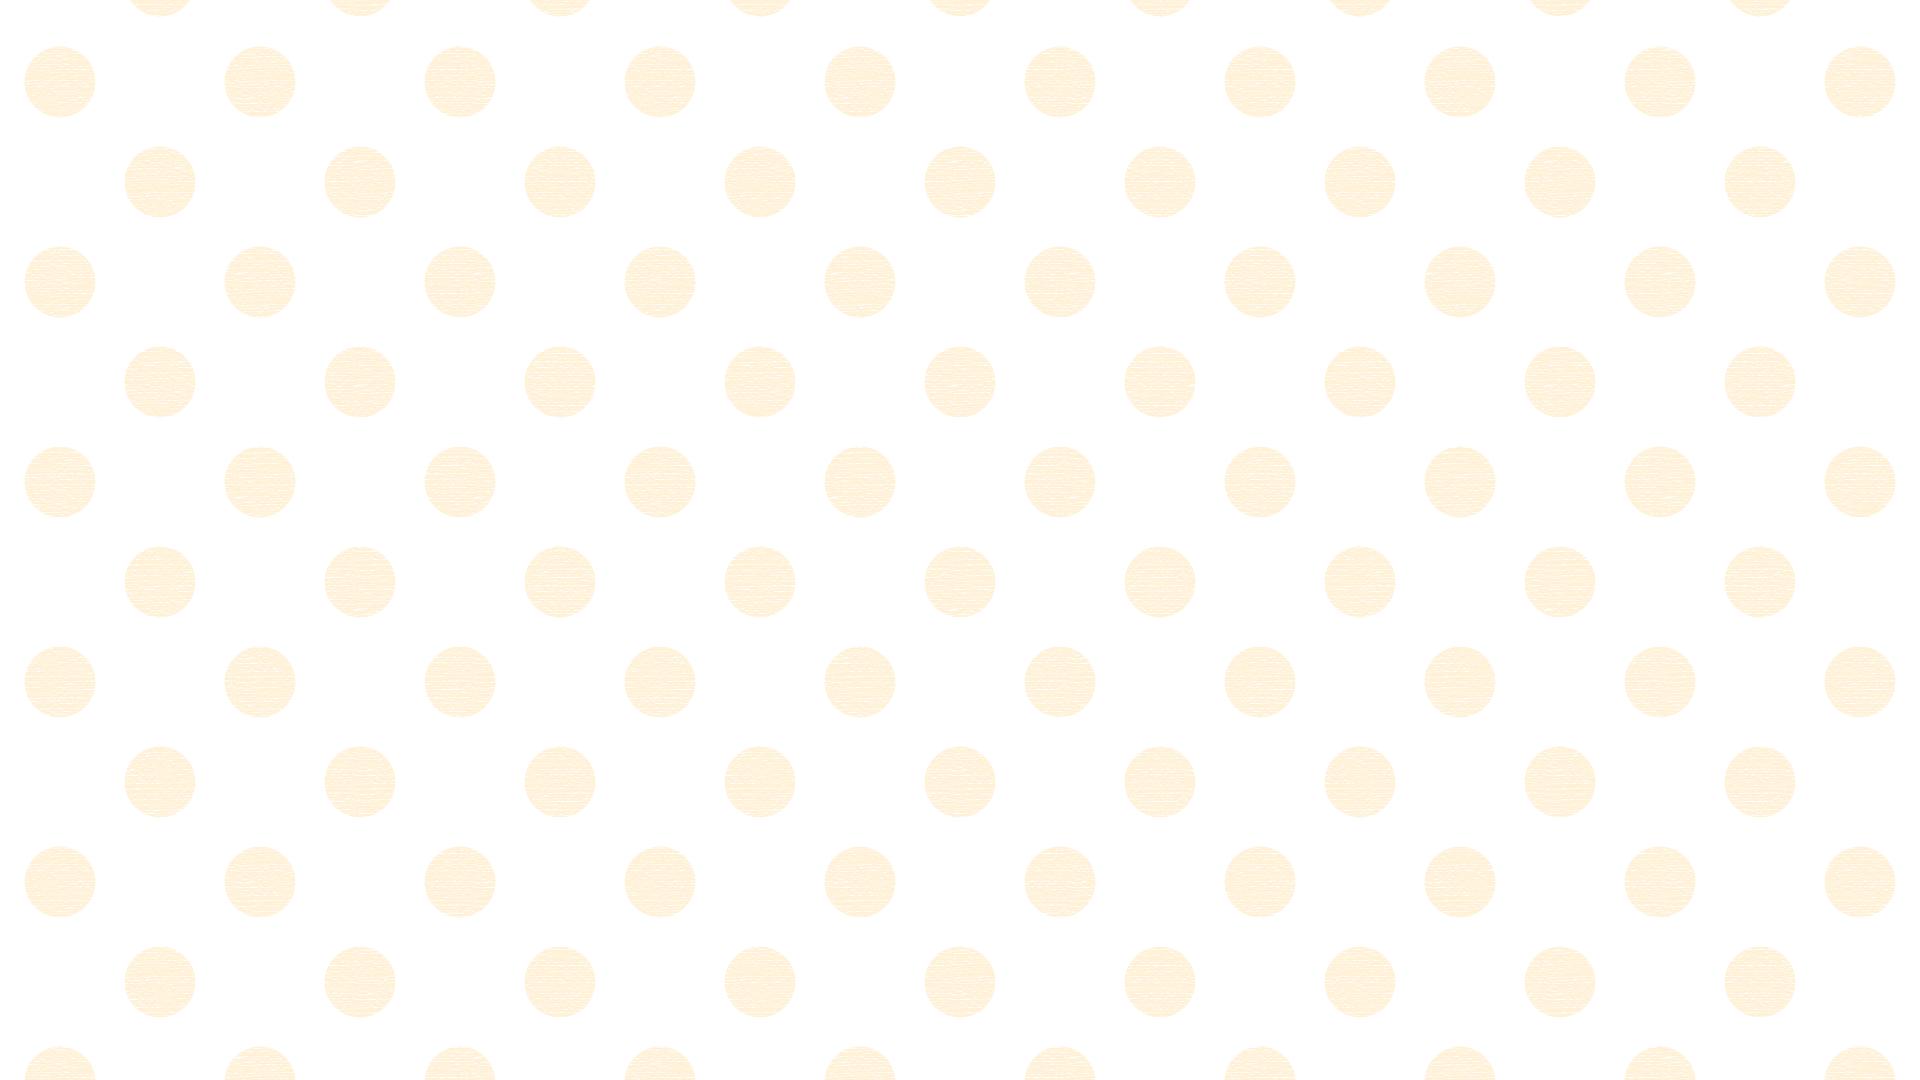 ドット模様1_yellow